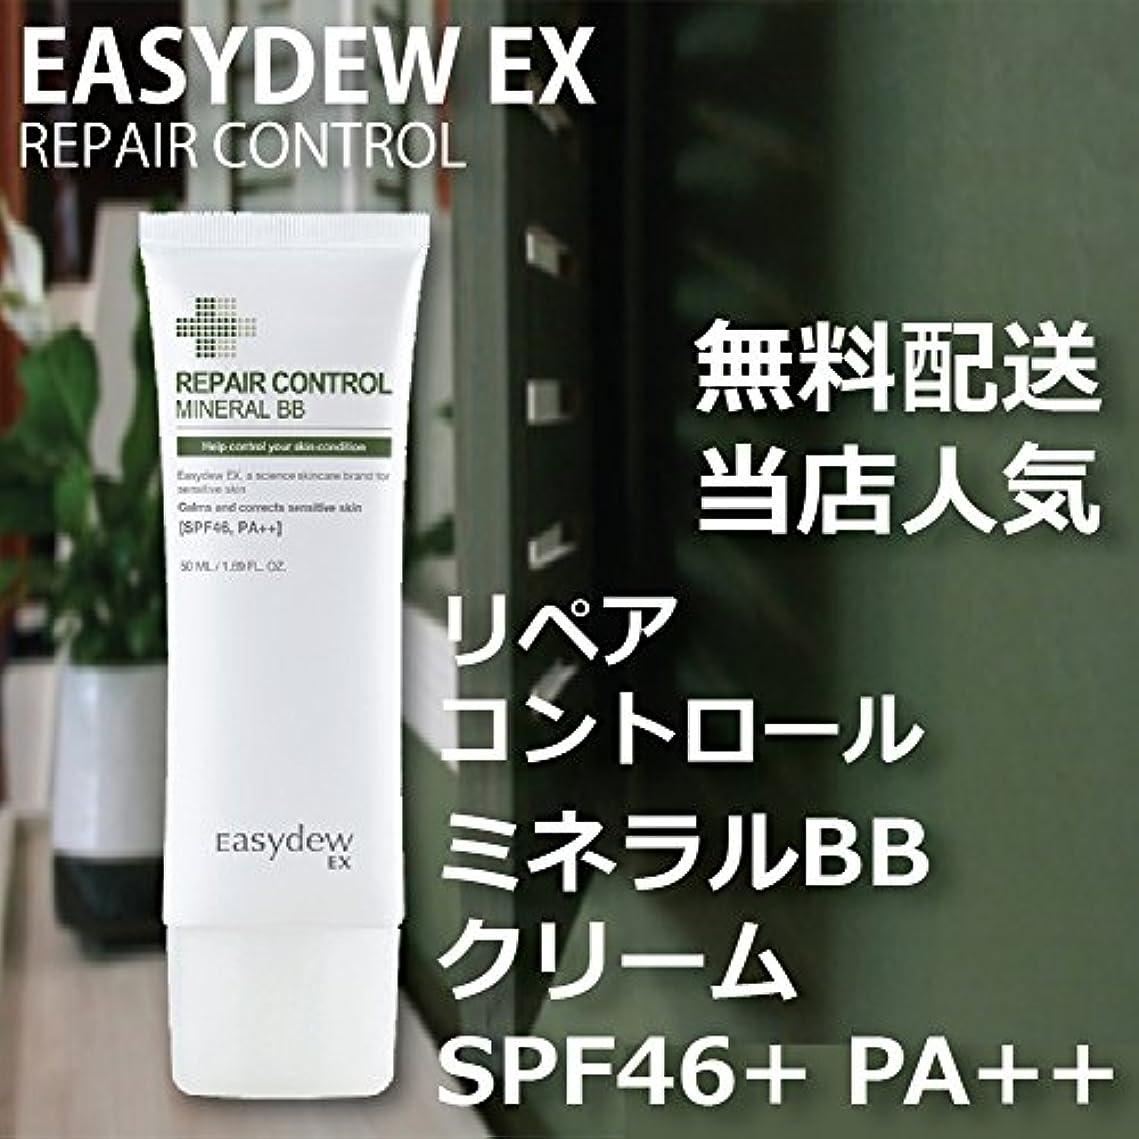 意欲家庭簿記係EASY DEW EX ミネラル BBクリーム SPF46+ PA++ 50ml MINRAL BB CREAM 韓国 人気 コスメ イージーデュー 敏感 乾燥 美白 しわ 3重機能性